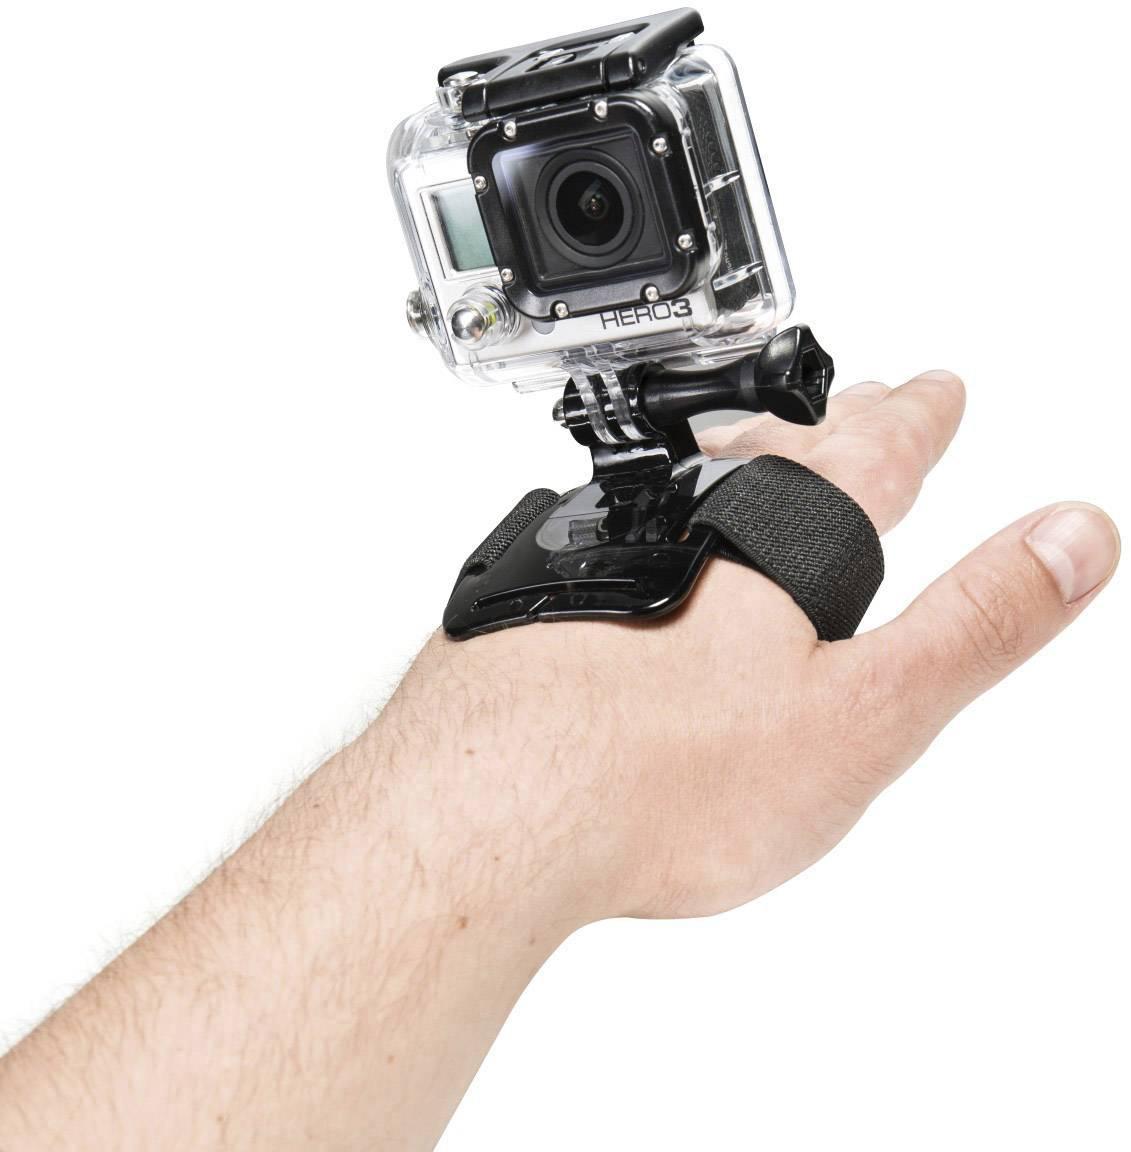 Držiak akčnek kamery s popruhom na ruku Mantona 20238 20238 vhodné pre GoPro